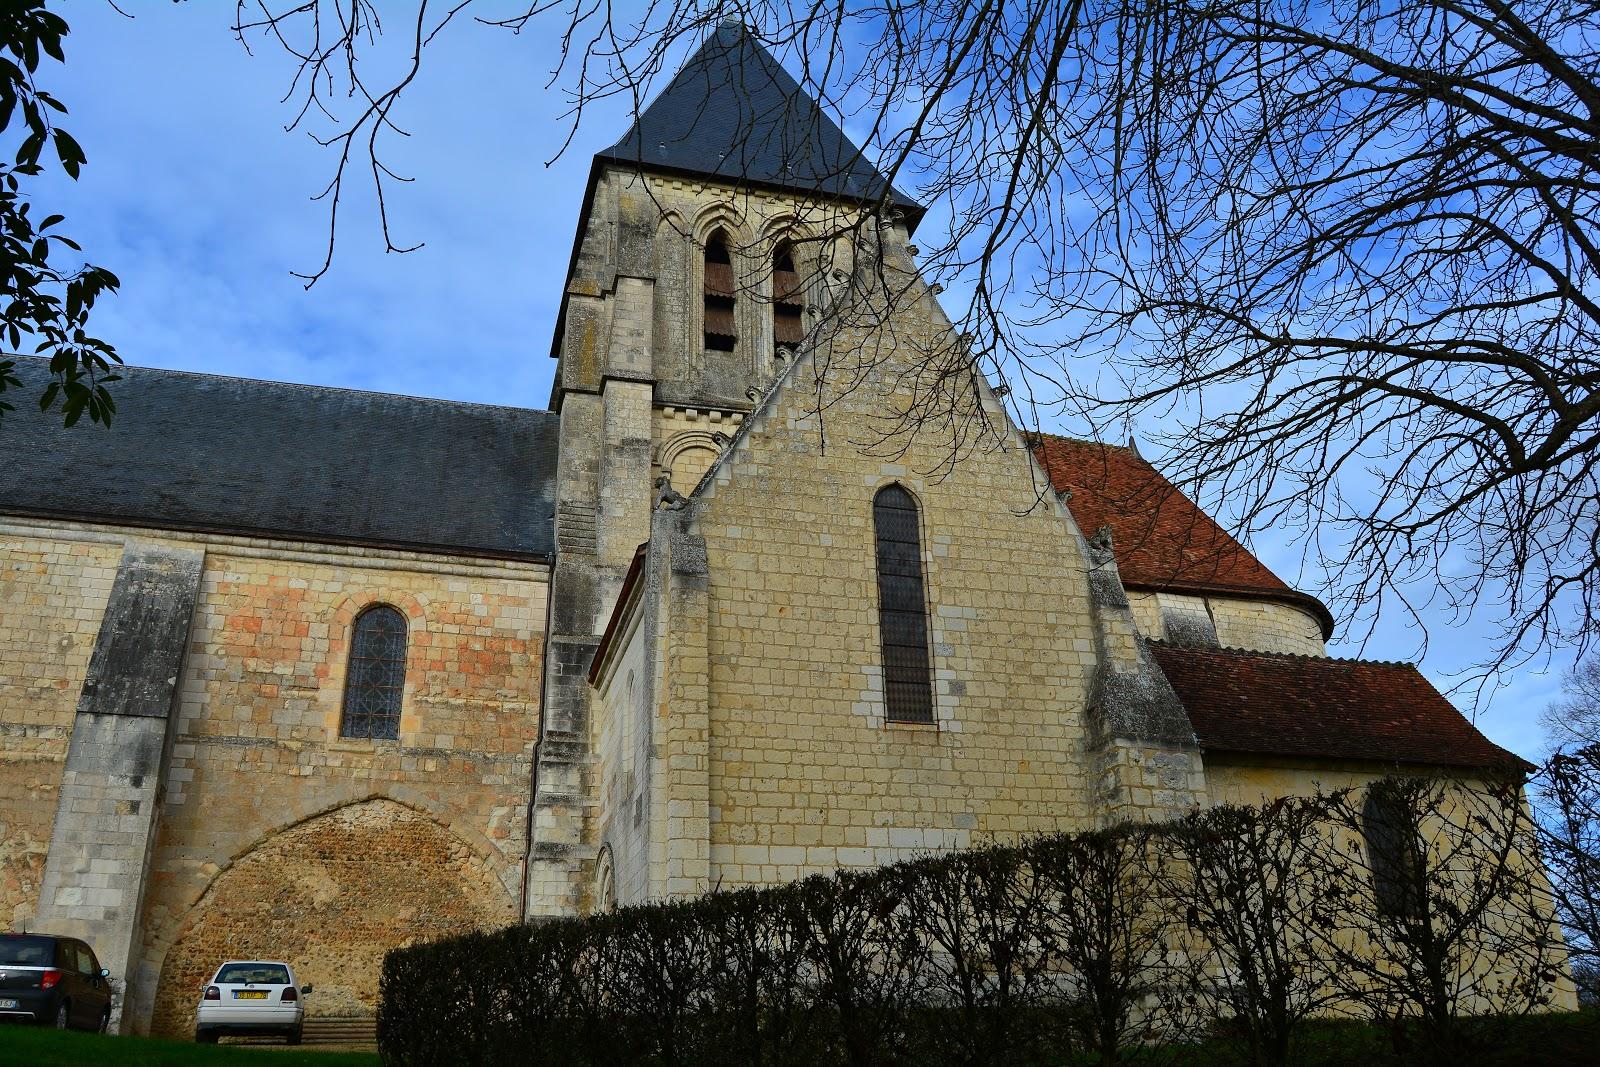 La collégiale Saint-Martin est située au sommet du village, sur le coteau de tuffeau. Elle fut fondée au XIème siècle par Geoffroy Plantagenêt, en pierre de taille du sous-sol du village. Le clocher est très récent car l'ancien reçut malheureusement la foudre.